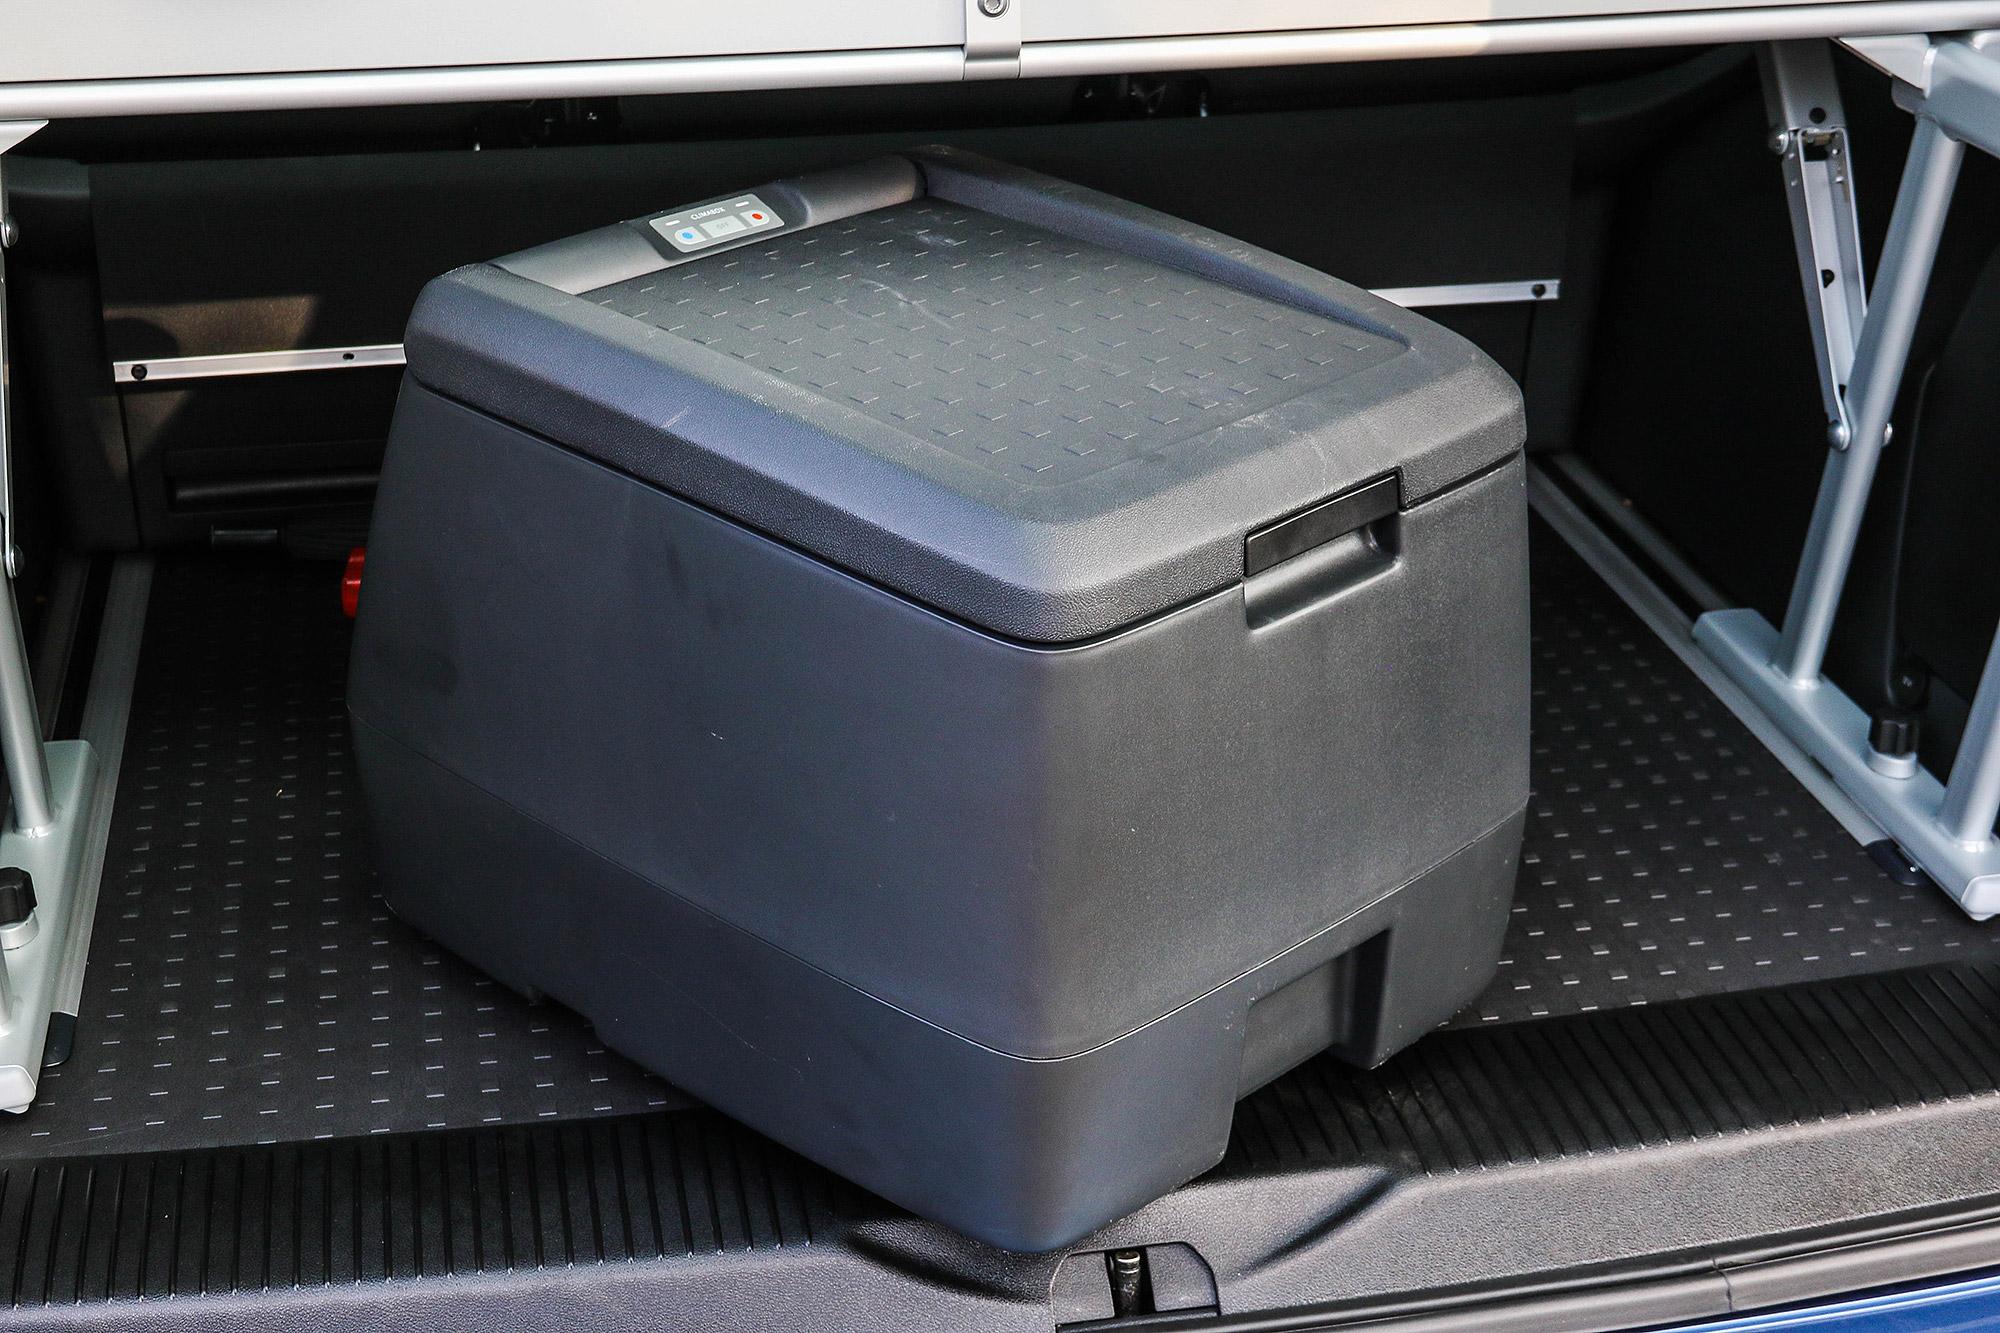 冰箱亦是這是 Freestyle 新增的配備。